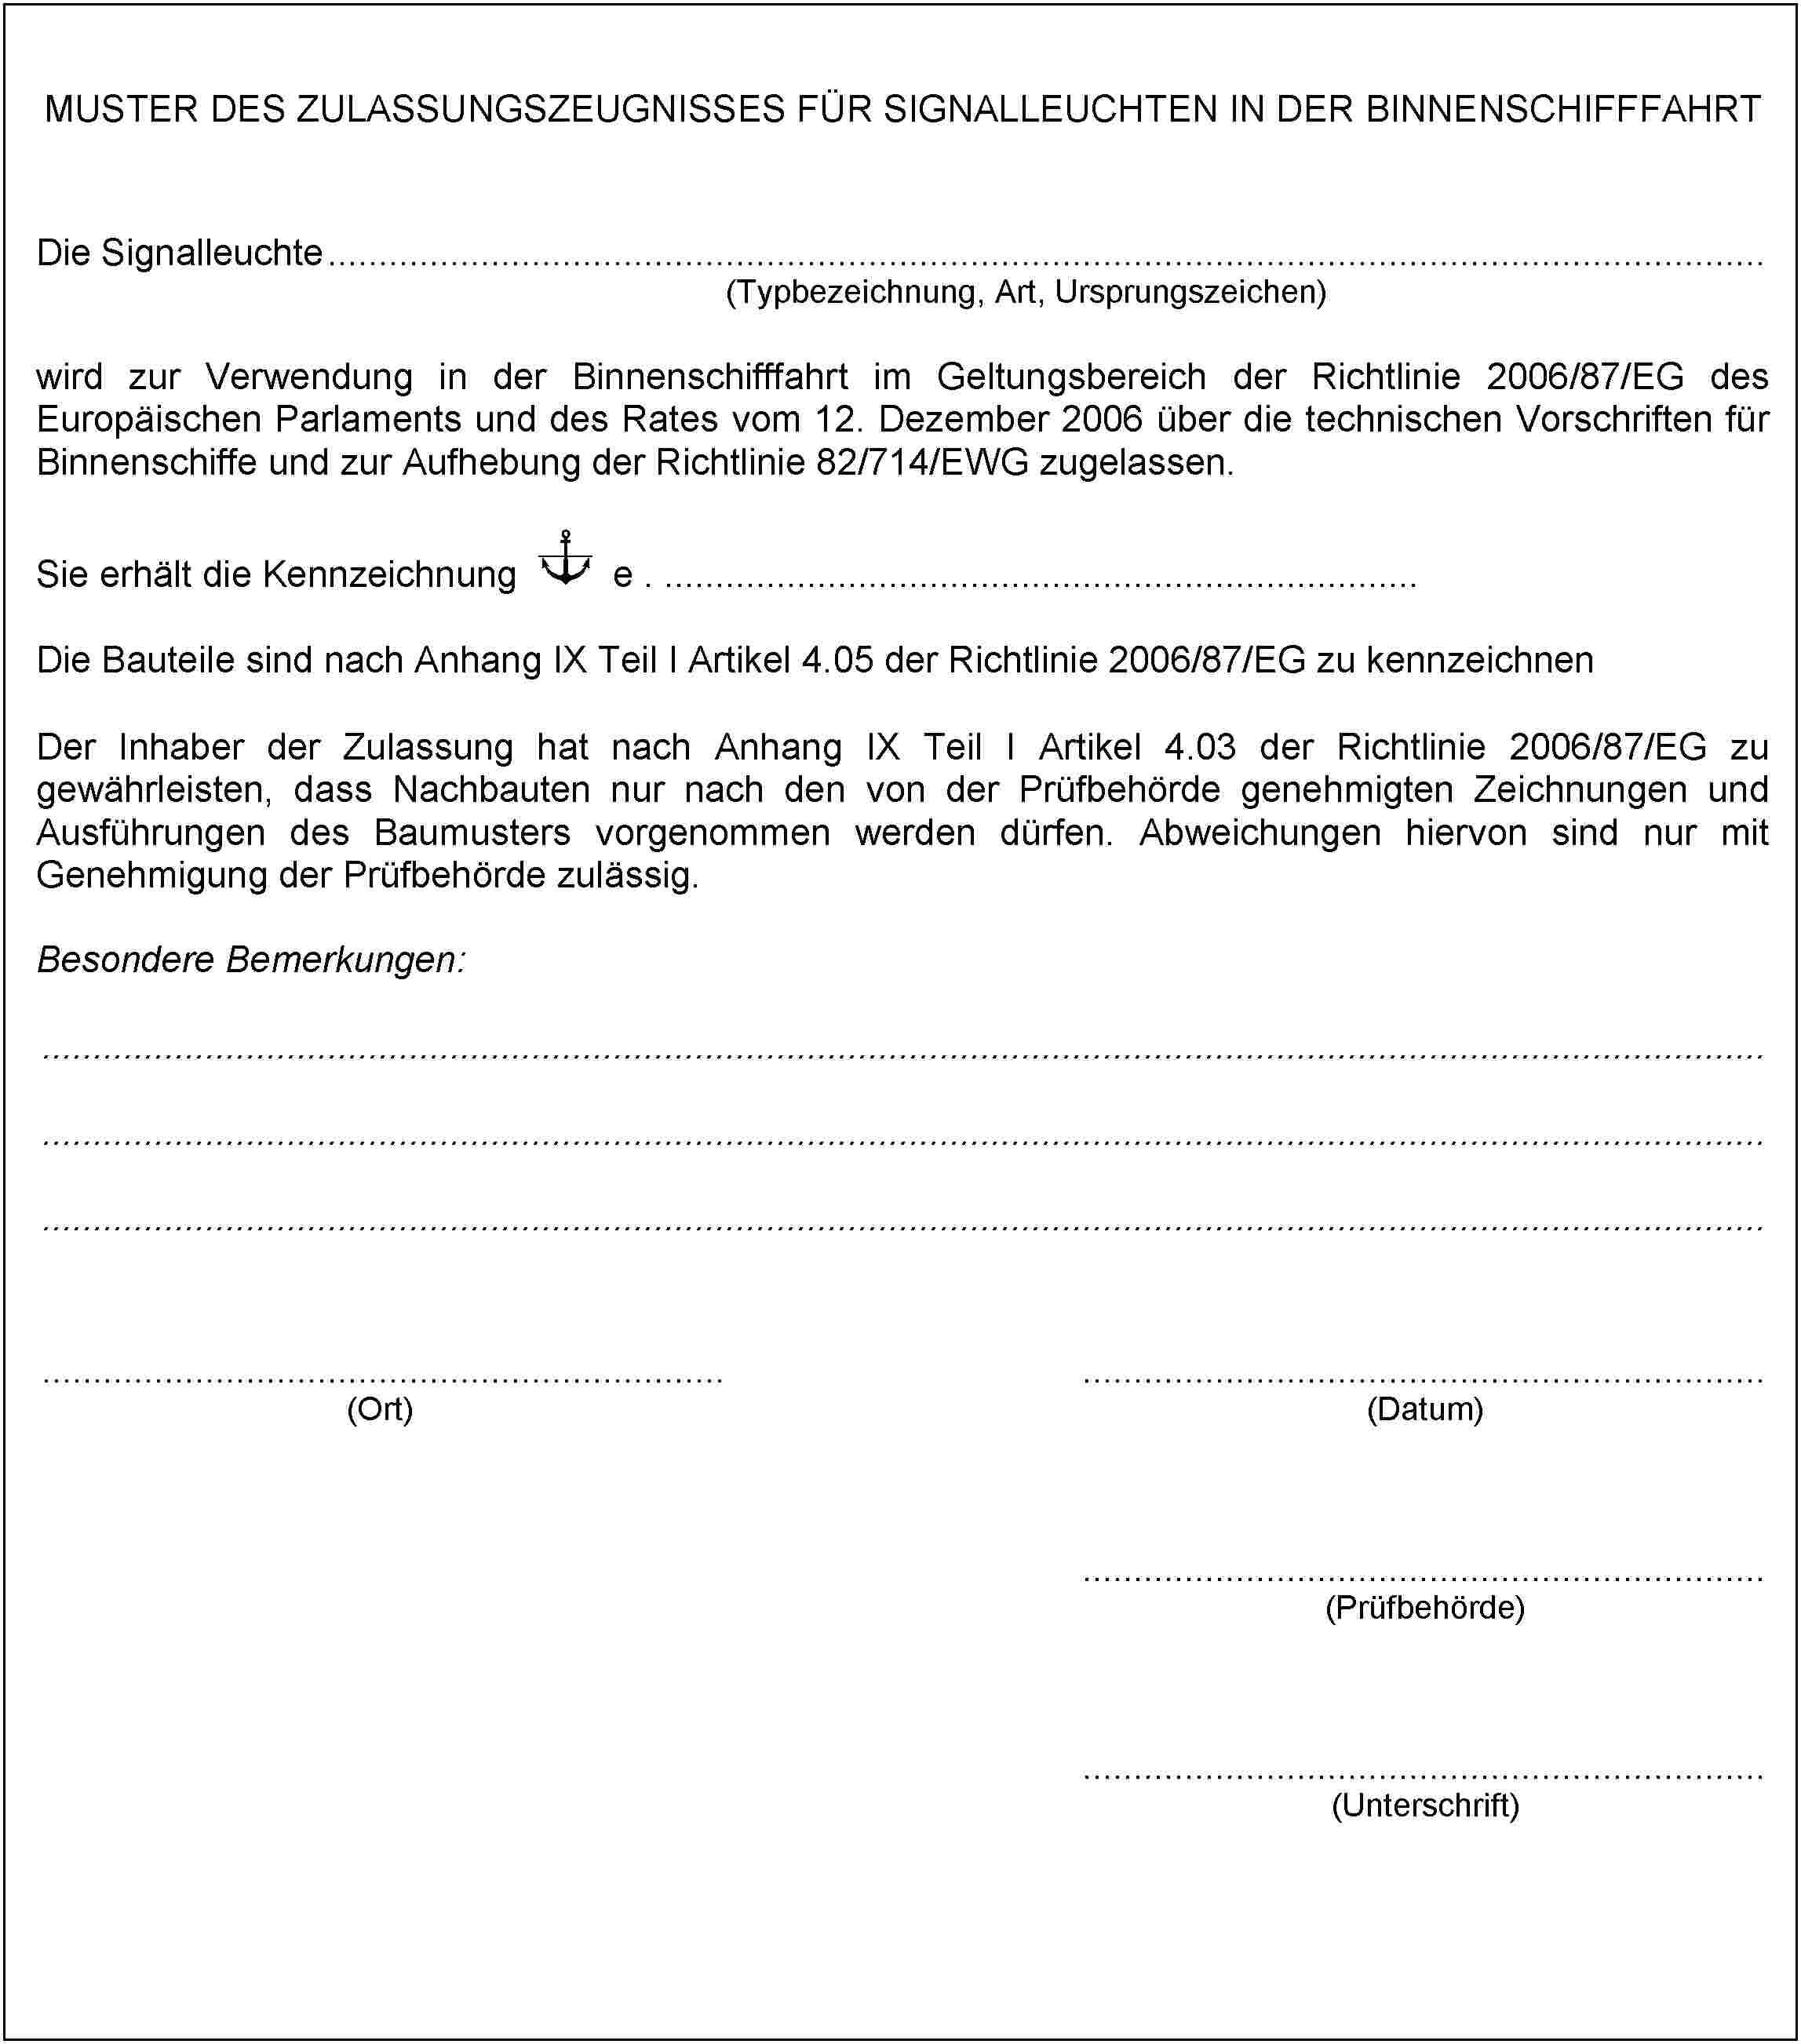 Groß Ausweichen Schaltplan Ideen - Der Schaltplan - greigo.com